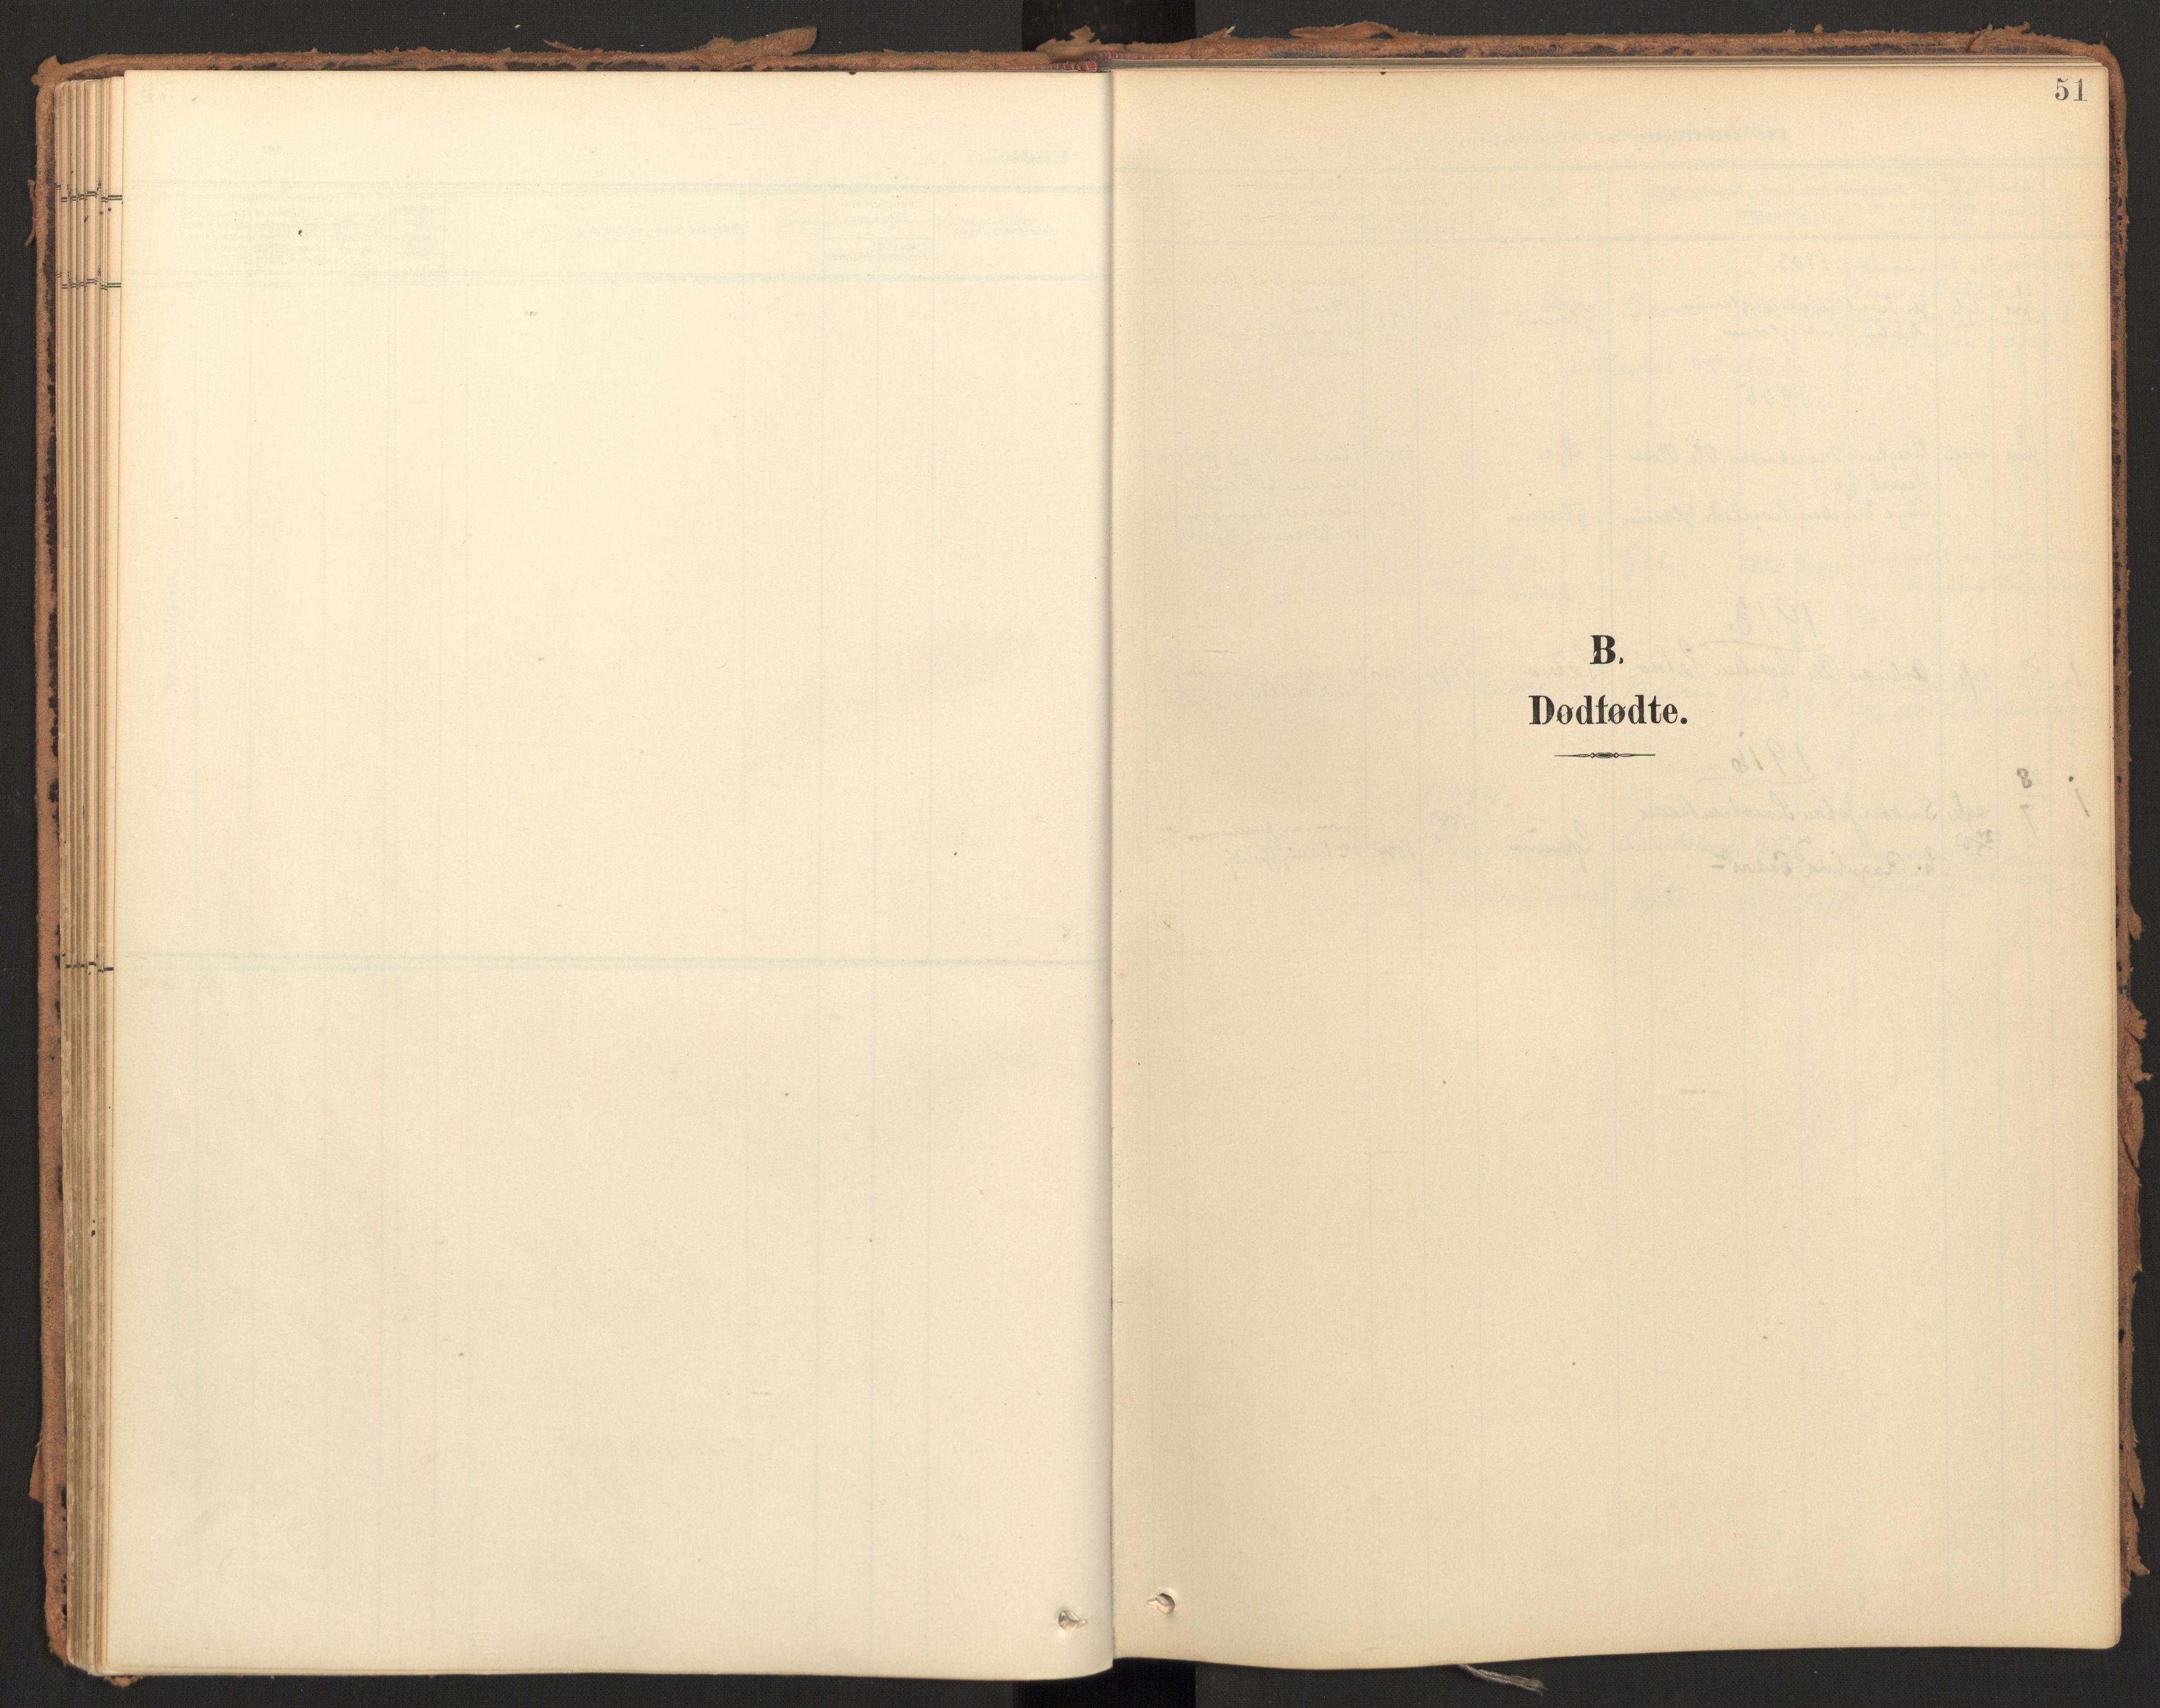 SAT, Ministerialprotokoller, klokkerbøker og fødselsregistre - Møre og Romsdal, 595/L1048: Parish register (official) no. 595A10, 1900-1917, p. 51